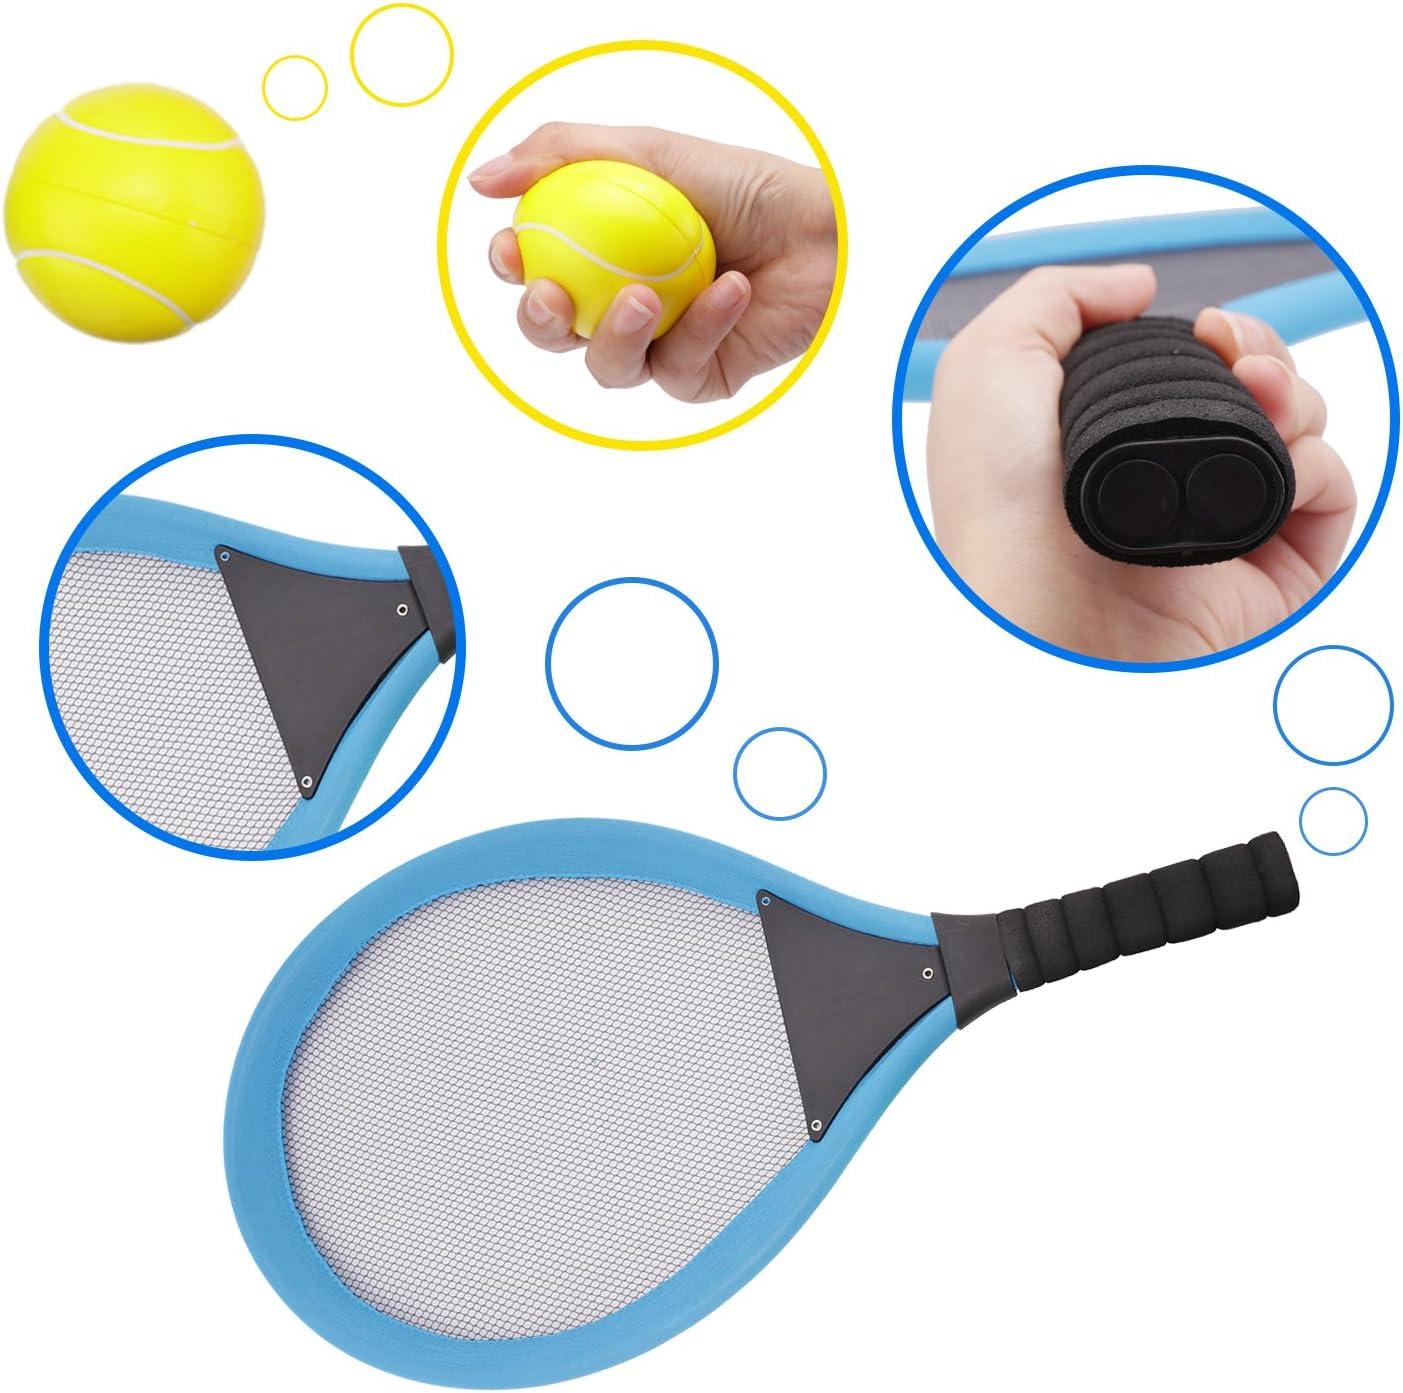 Amatt racchette da badminton racchette da tennis per bambini,2/in 1/sport esterno giocattolo set con palla set giocattolo per bambini